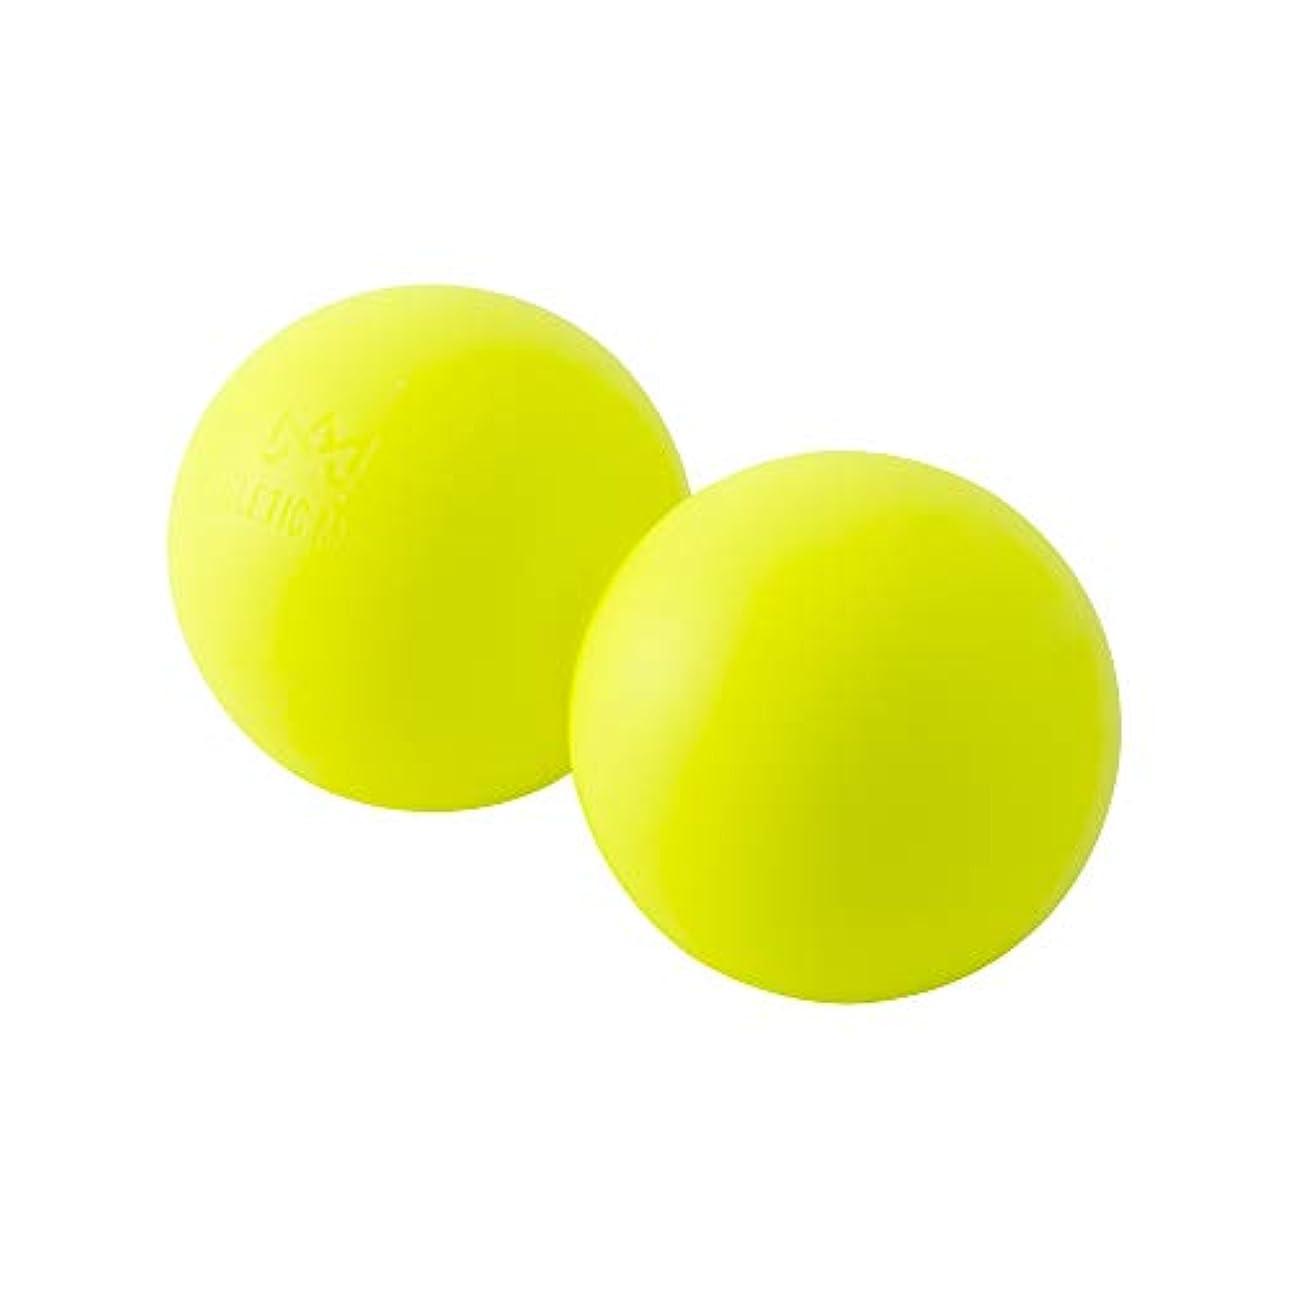 適格に向かってコショウATHLETIC MART ピーナッツ型ストレッチボール マッサージボール ラクロスボール2個サイズ ツボ押し (蛍光イエロー)